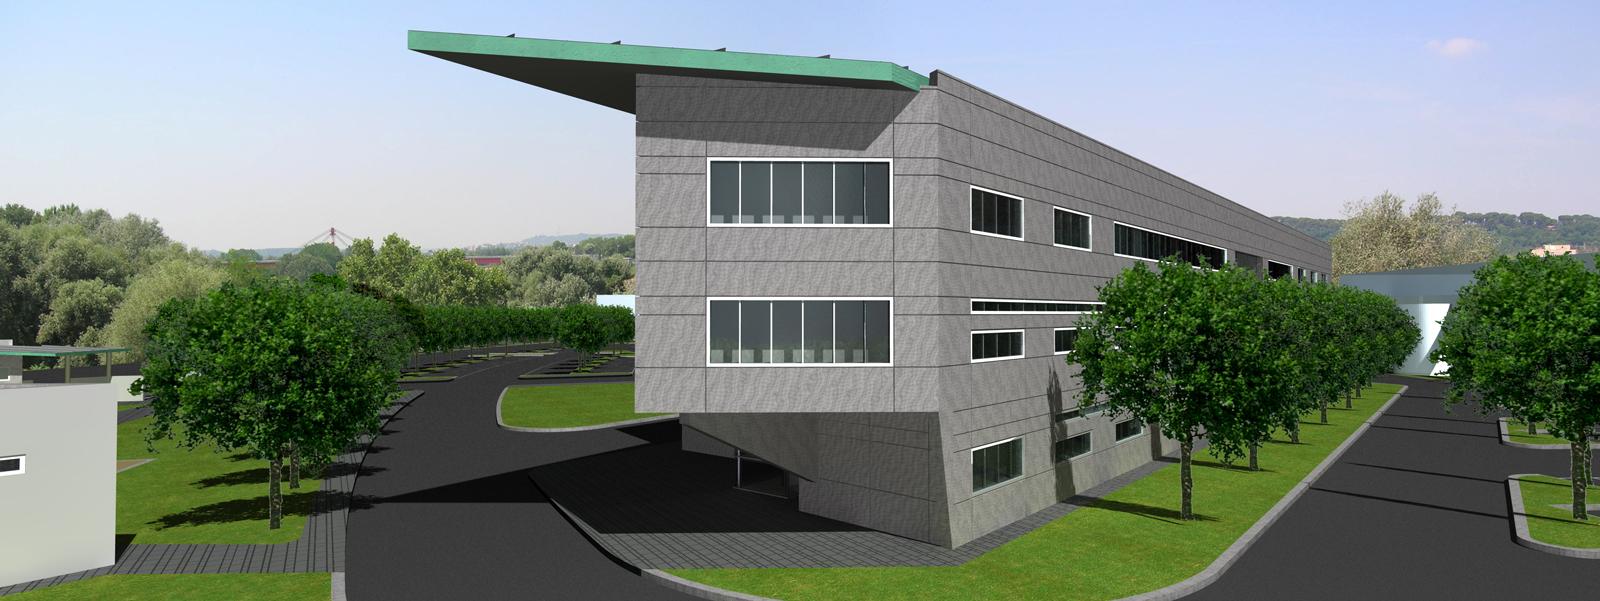 Centro Direzionale AMA S.p.A. (2005) - Prospetto Nord